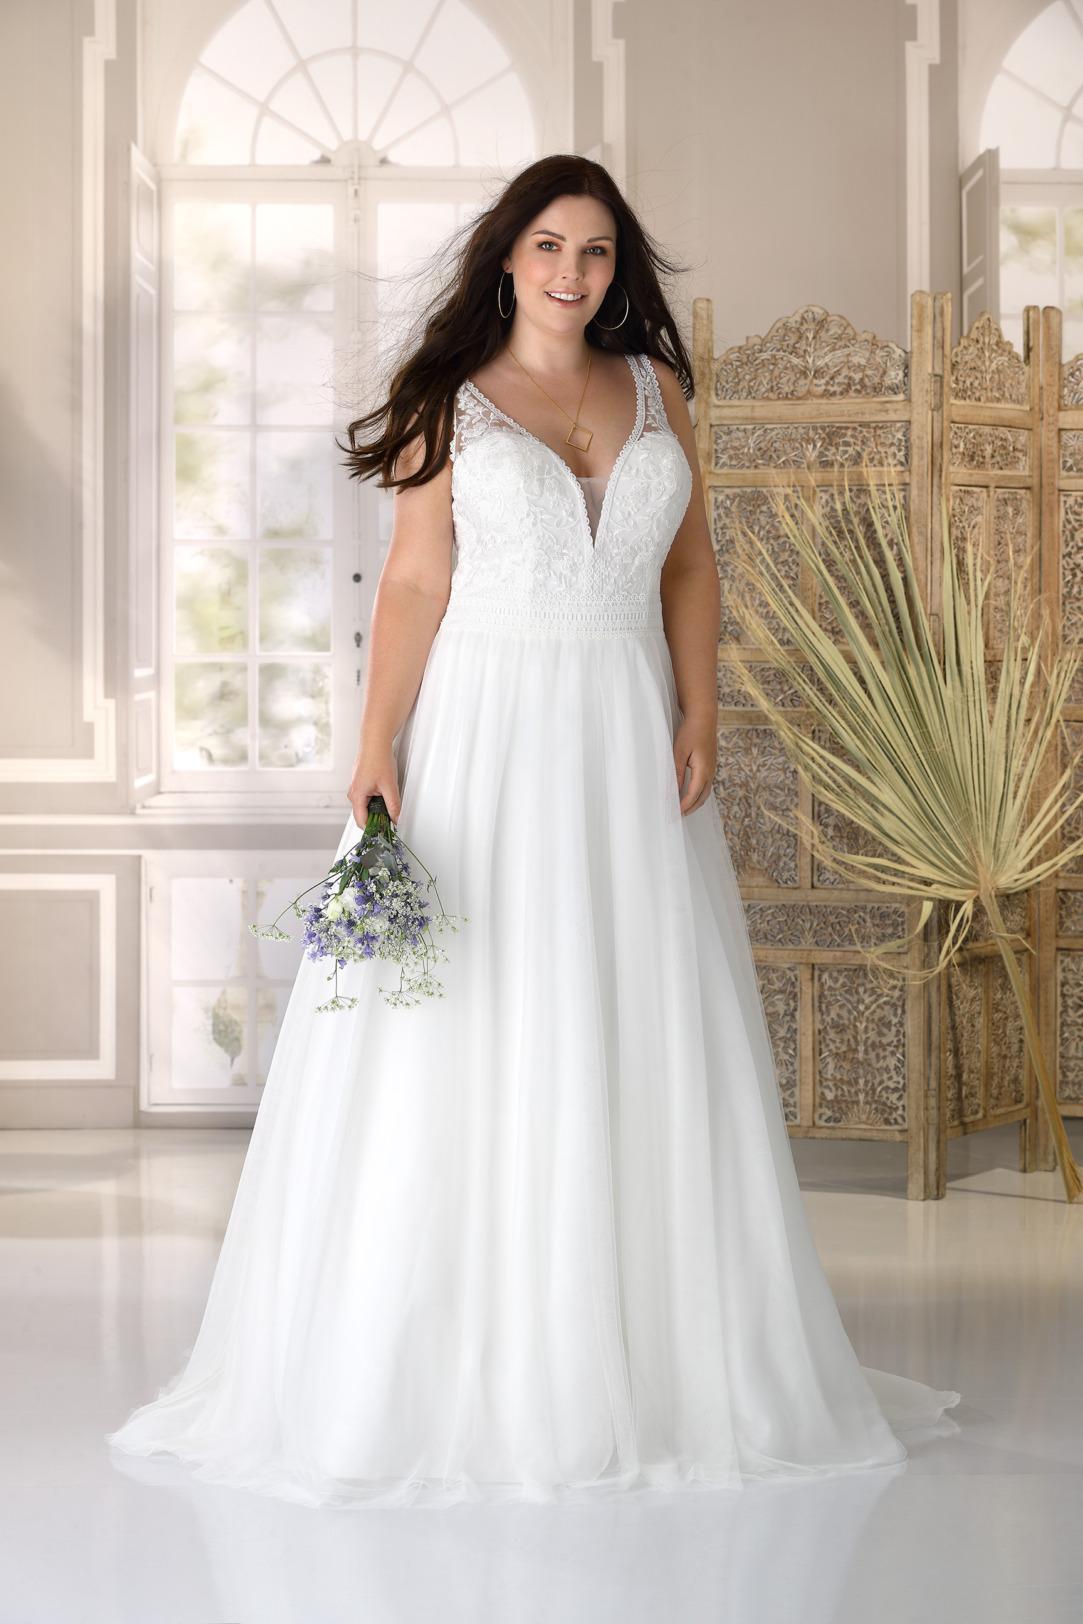 Brautkleid Hochzeitskleid A Linie für curvy grosse Grösse von Ladybird Modell LS221034 mit V Ausschnitt und breiten Trägern weich fließender Chiffonrock